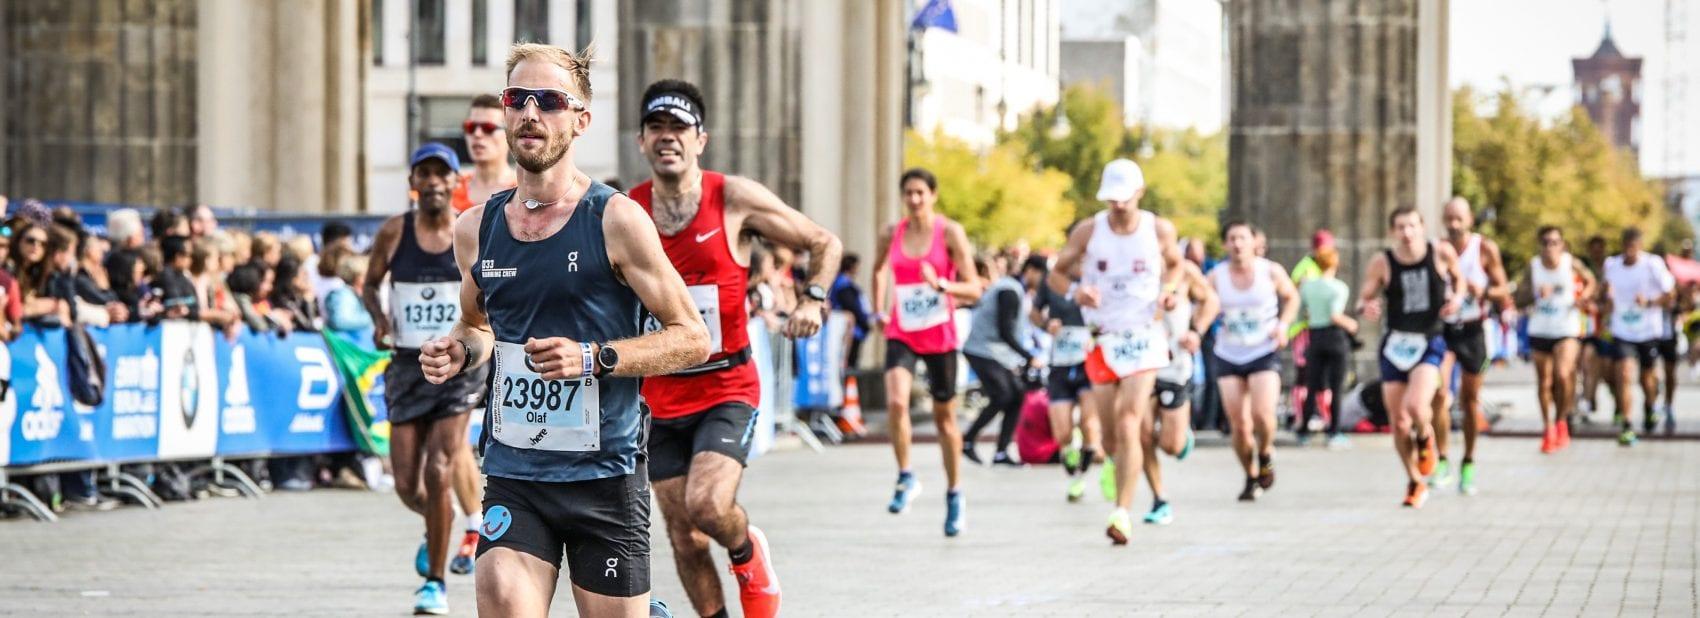 Sporten met diabetes: omgaan met blessures